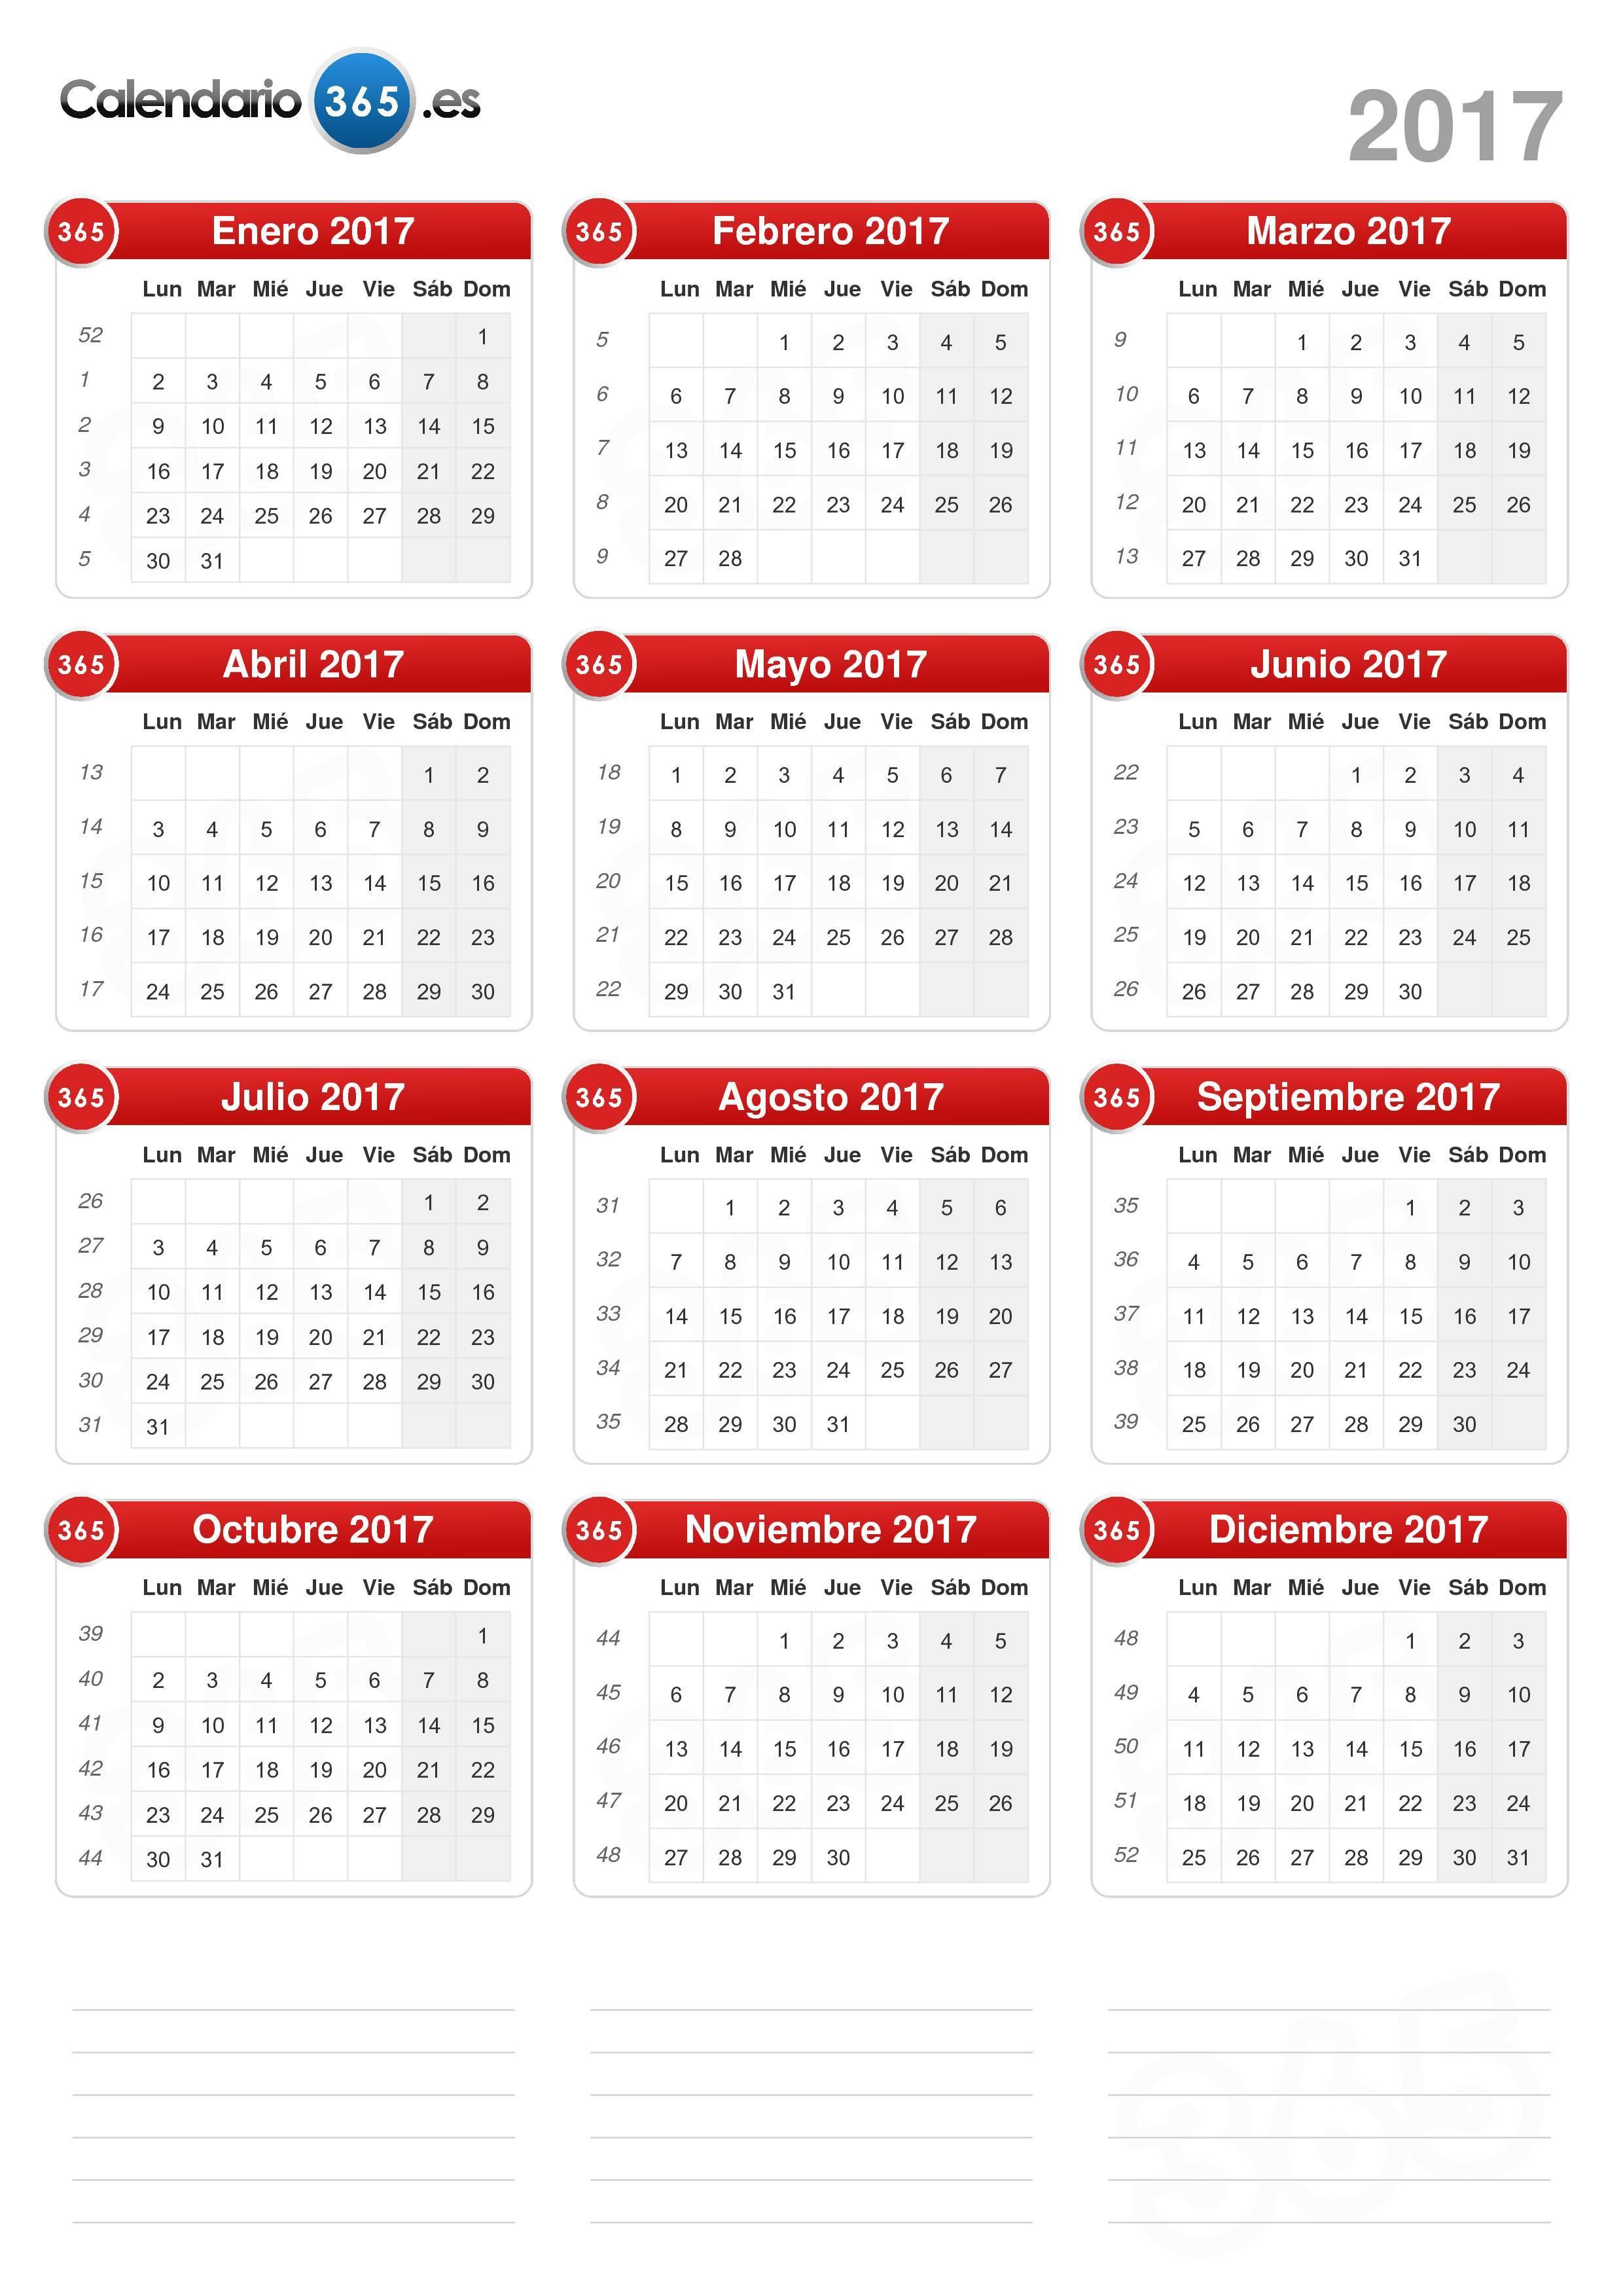 Calendario 20017.Calendario 2017